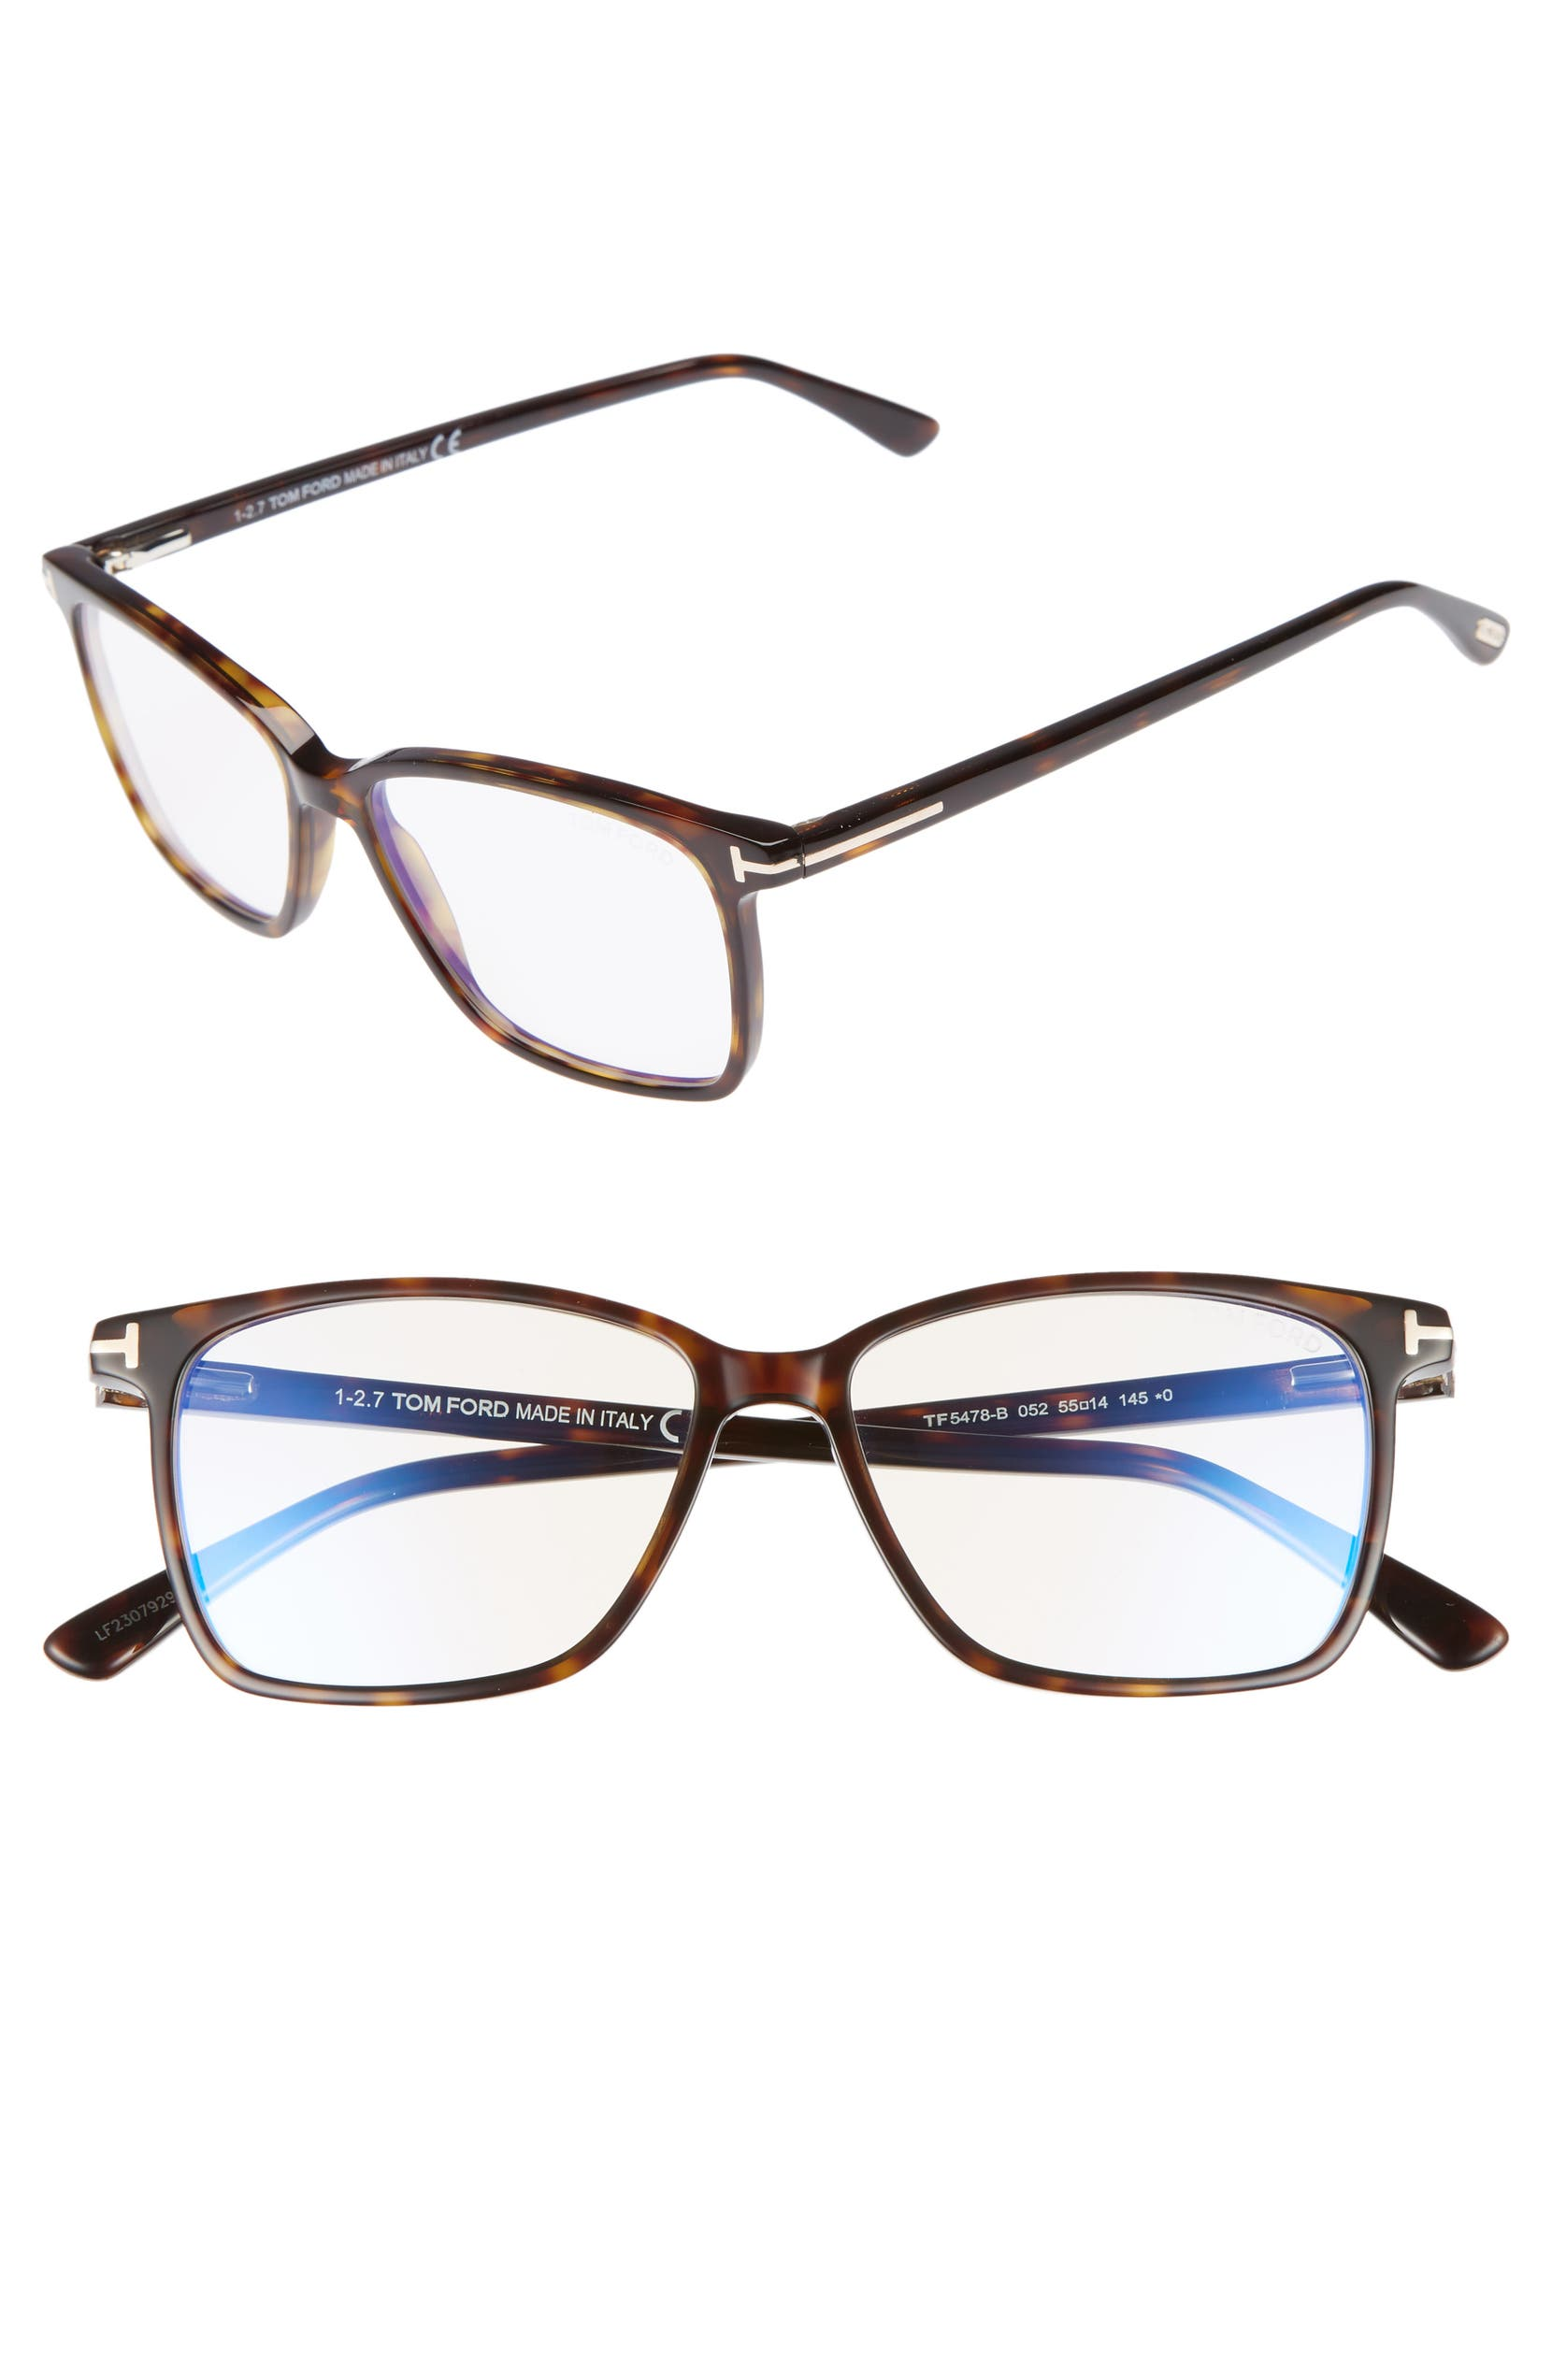 428289b43d Tom Ford 55mm Blue Block Optical Glasses